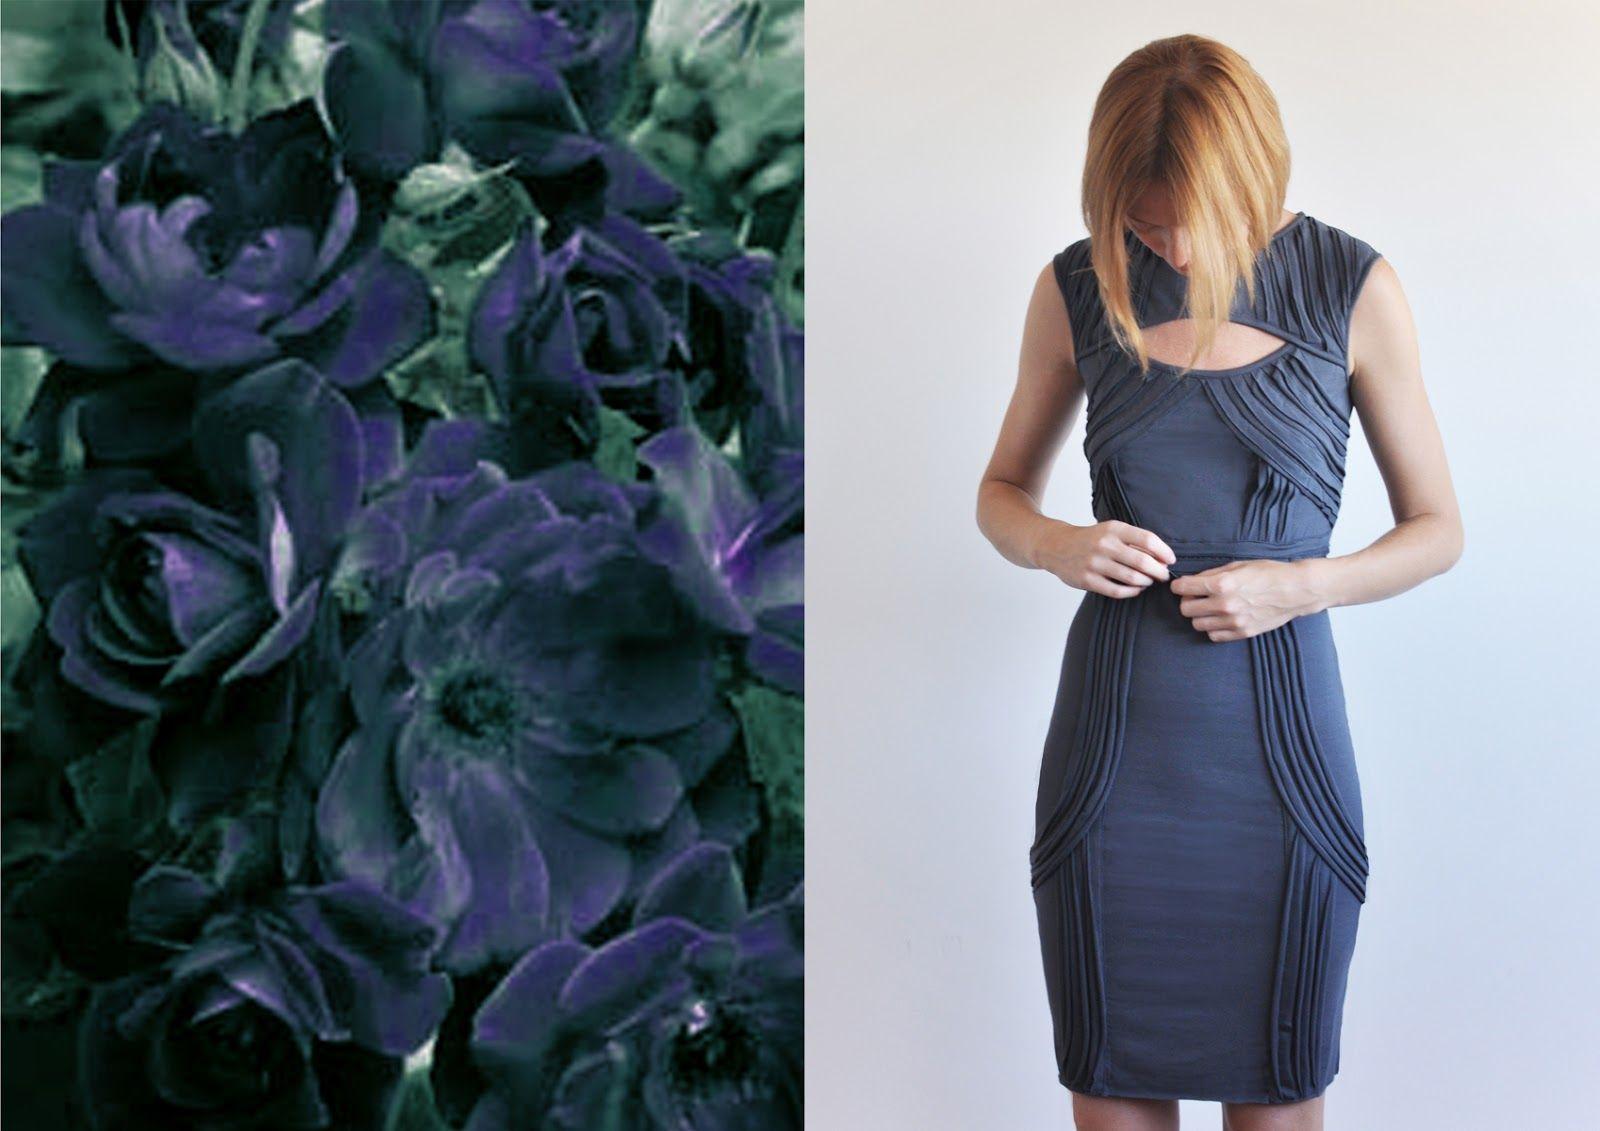 Outfit photo: Valentina Donnini  Art Direction: Michela Fasanella  MuA and Styling: Serena Belcastro  Model: Margarita Babina